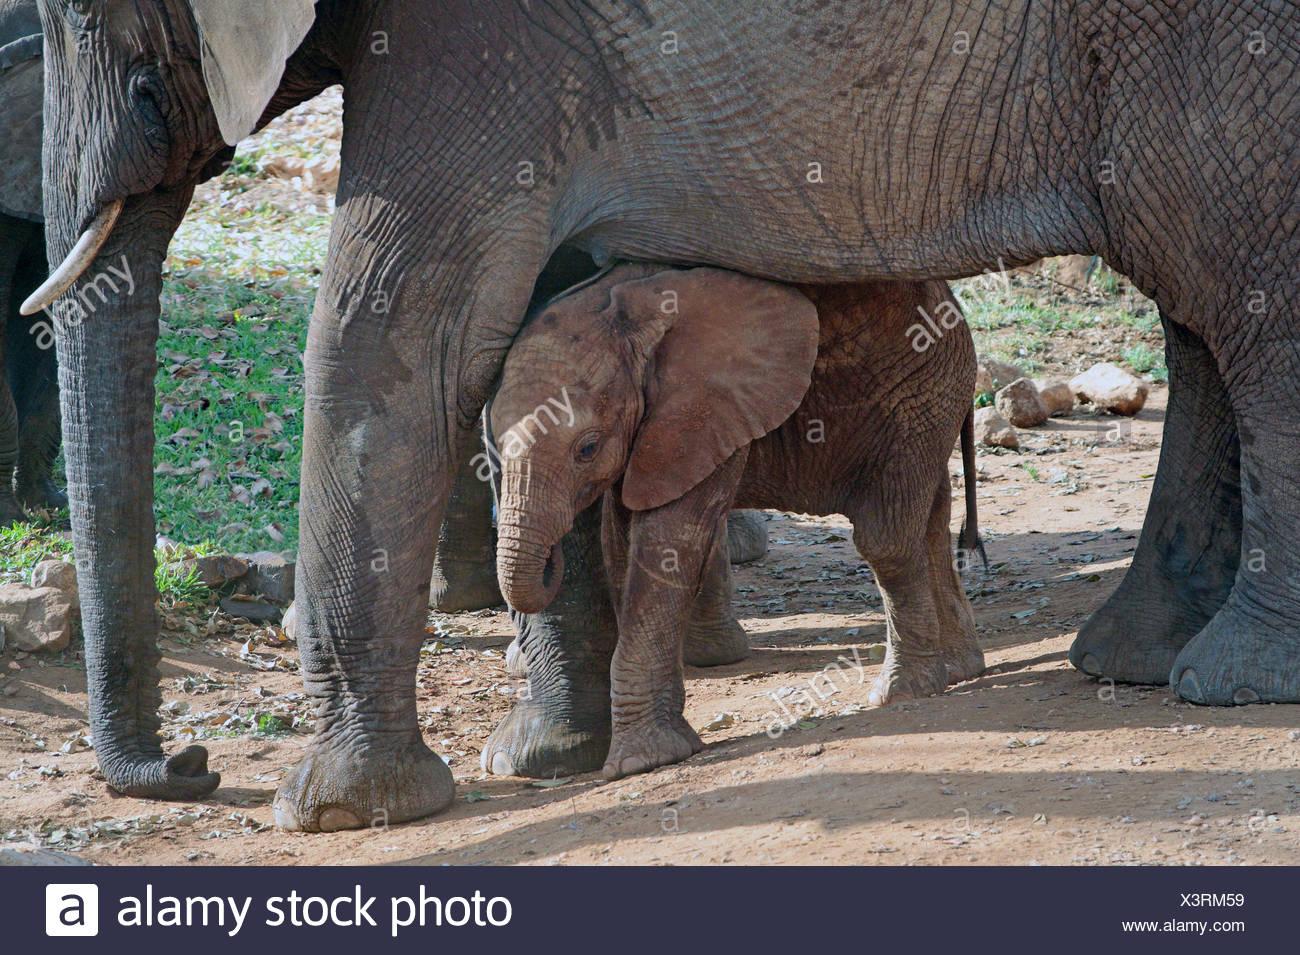 African elephant (Loxodonta africana), baby elephant taking shelter between the legs of its mother, Kenya, Amboseli National Park - Stock Image